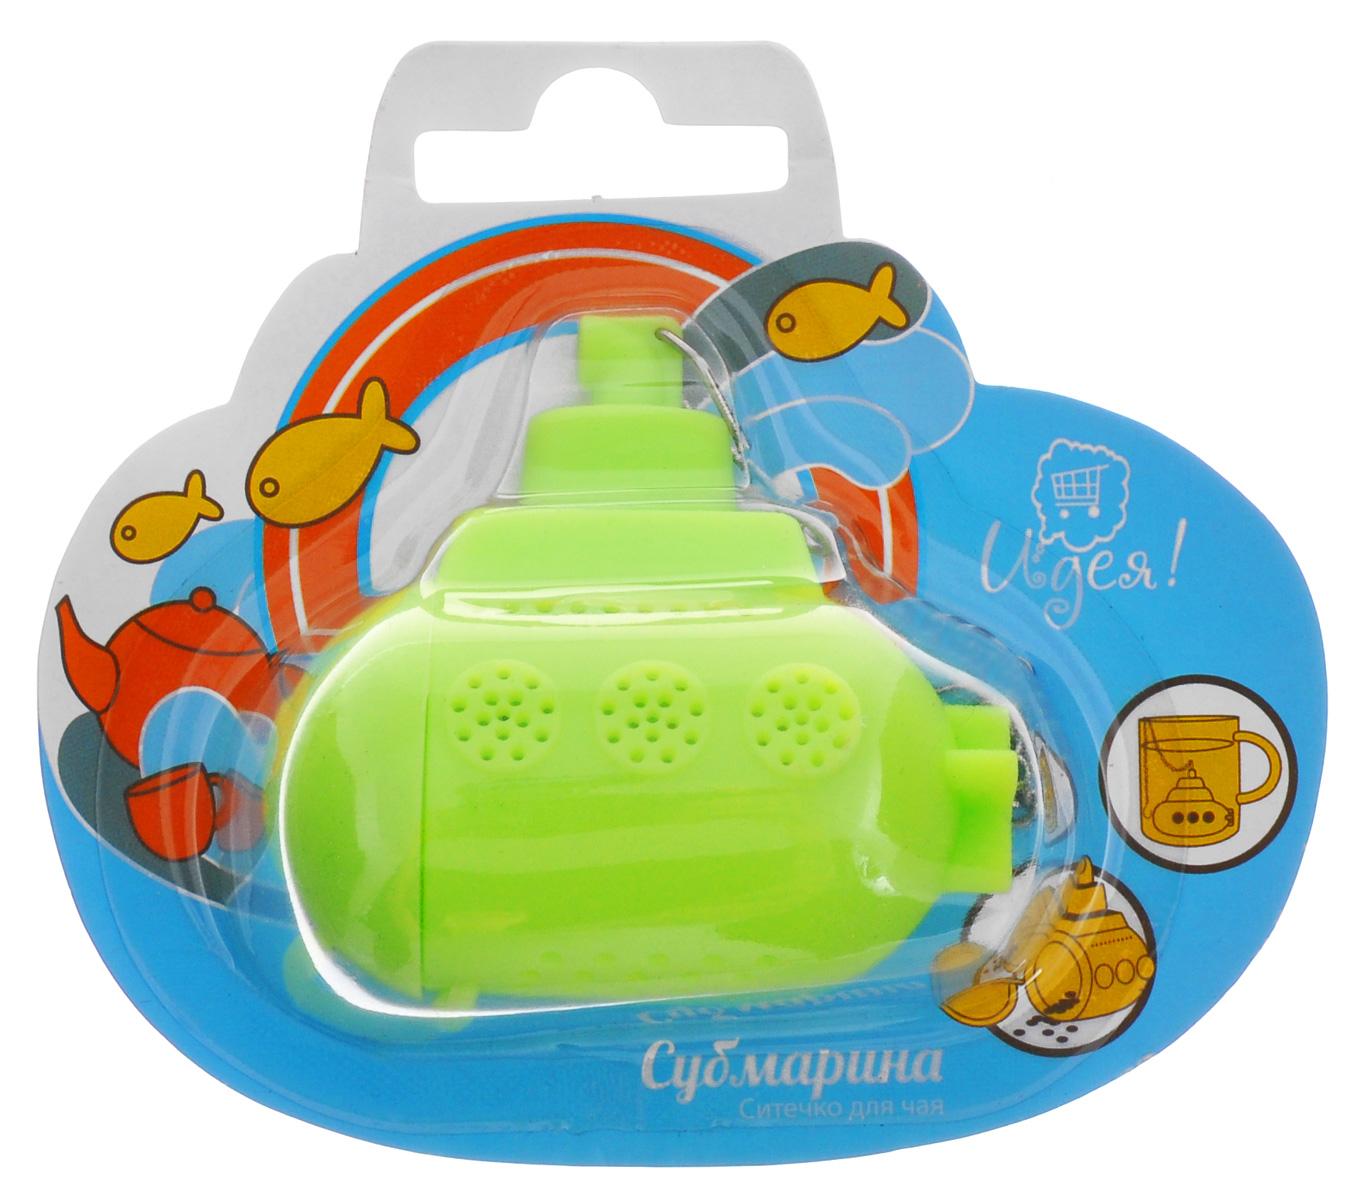 Ситечко для чая Идея Субмарина, цвет: салатовыйSBM-01_салатовыйСитечко для чая Идея Субмарина прекрасно подходит для заваривания любого вида чая. Изделие выполнено из пищевого силикона в виде подводной лодки. Изделием очень легко пользоваться. Просто насыпьте заварку внутрь и погрузите субмарину на дно кружки. Изделие снабжено металлической цепочкой с крючком на конце. Забавная и приятная вещица для вашего домашнего чаепития. Не рекомендуется мыть в посудомоечной машине. Размер фигурки: 6 см х 5,5 см х 3 см.